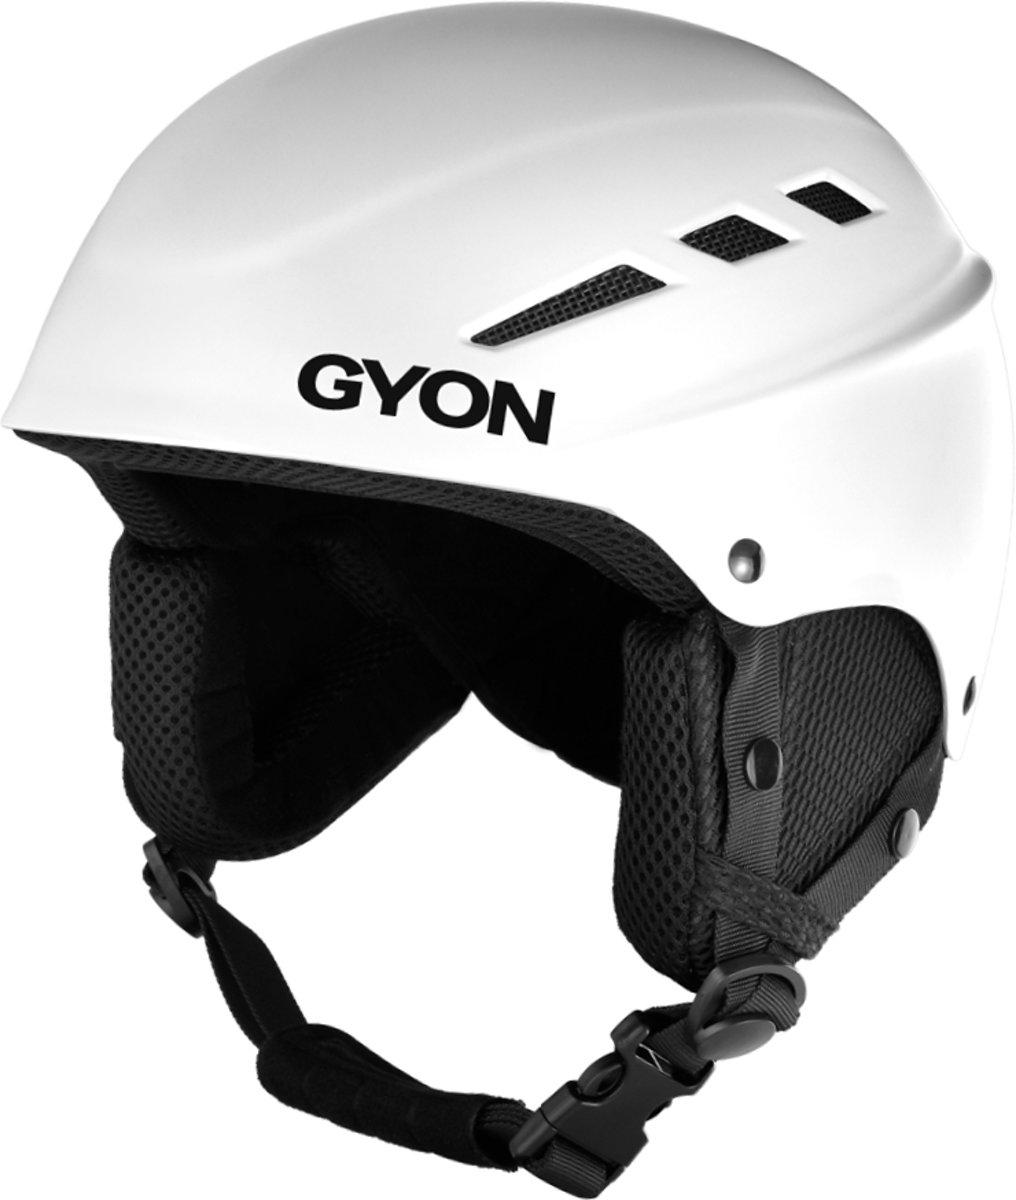 Gyon® Sneeuw Sport Ski Helm 60 cm / L Wit kopen